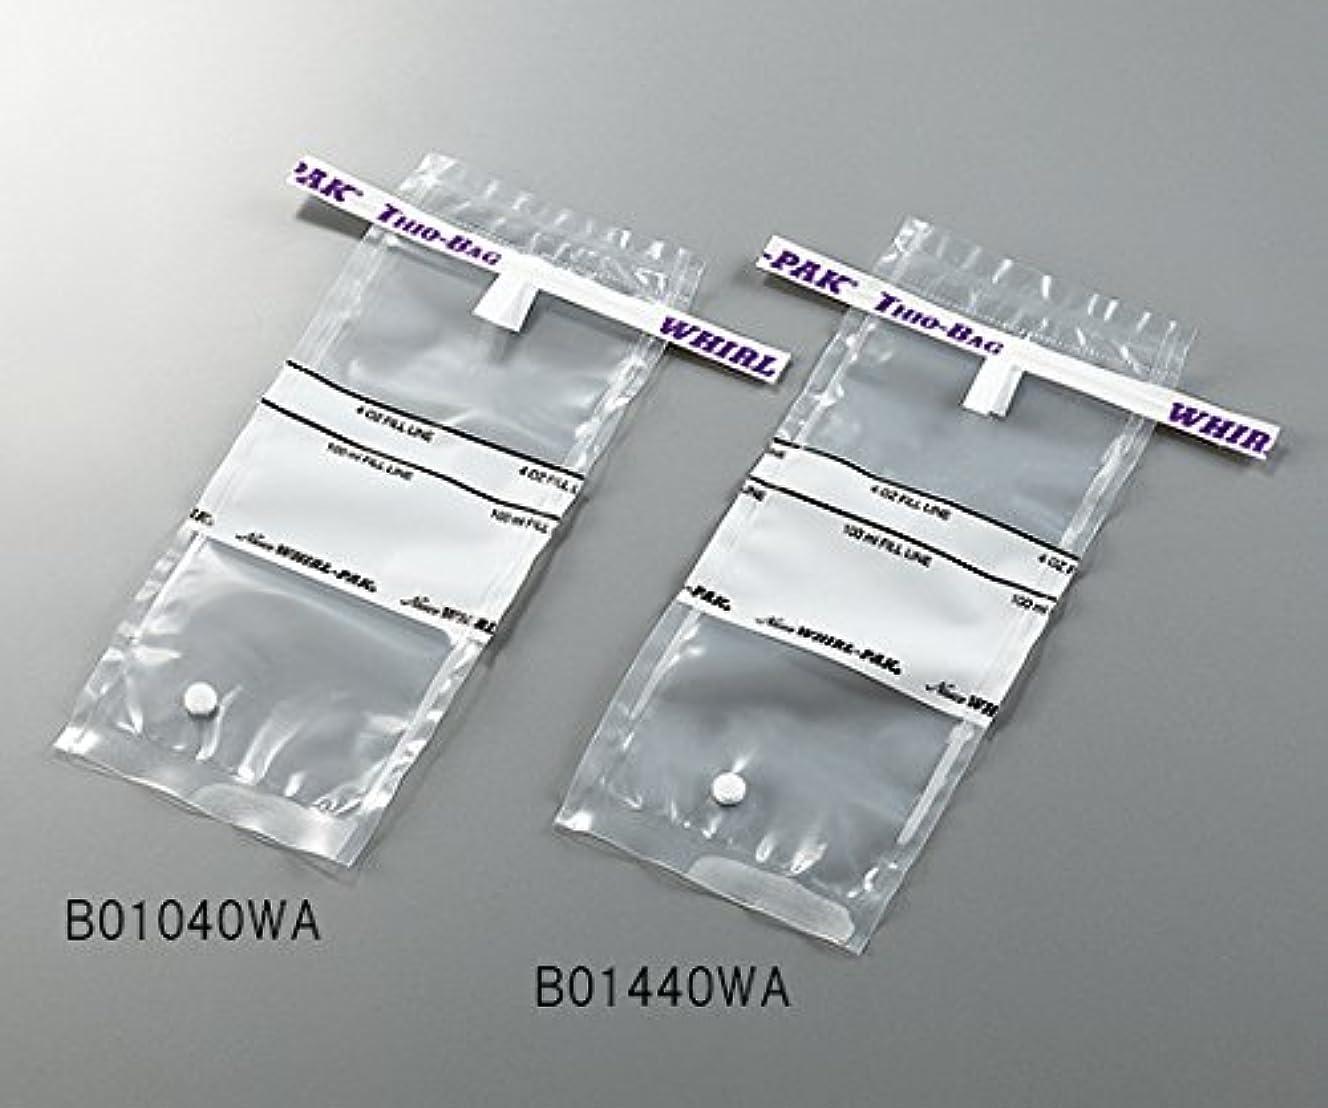 白鳥ケニアから3-5414-01採水用サンプリングバッグ100mLチオ硫酸ナトリウム含有量10g